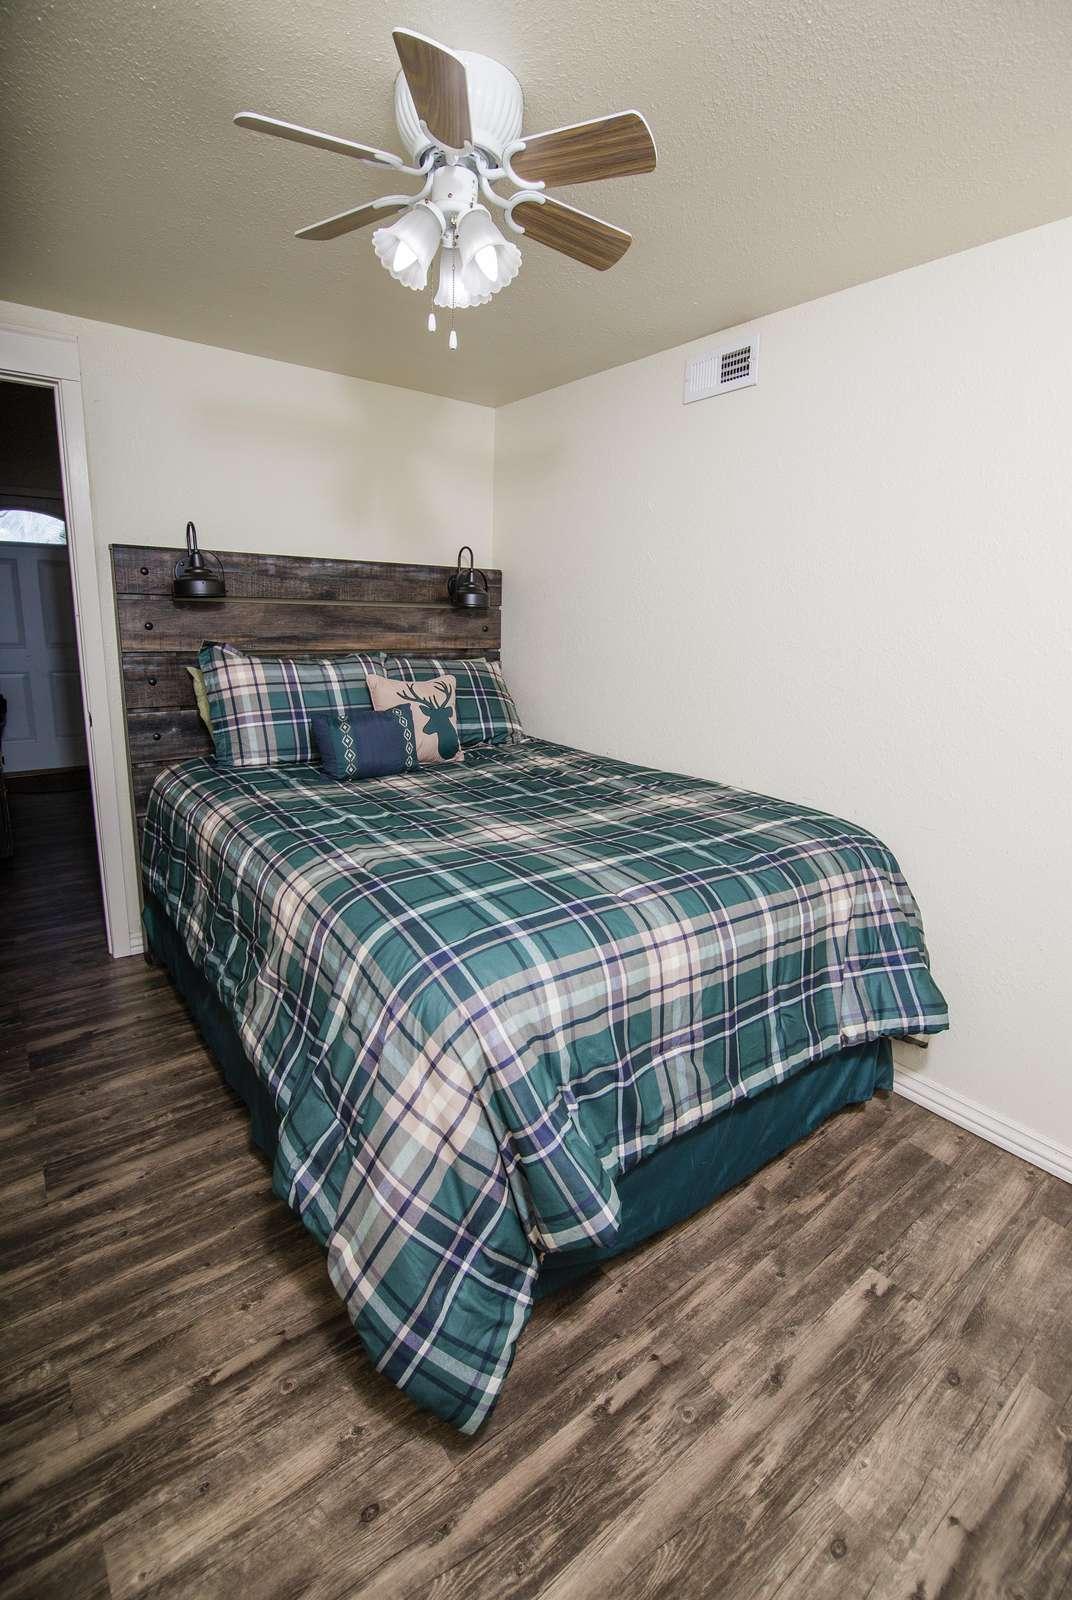 Queen bed in Cabin One bedroom.